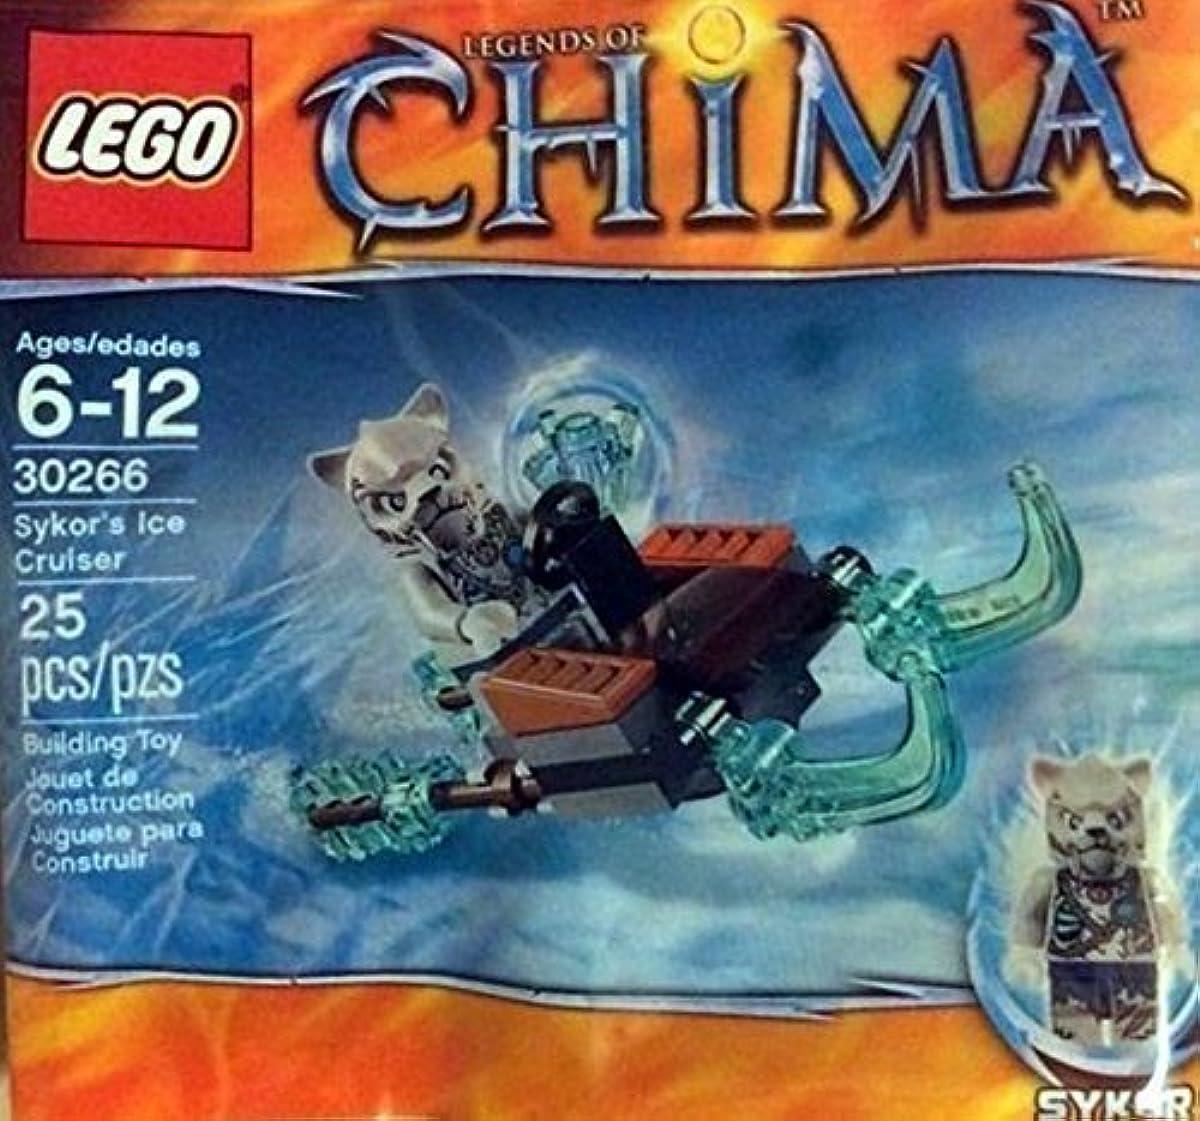 [해외] LEGO LEGENDS OF CHIMA: SYKOR'S ICE 크루저 세트 30266 (대채우기)